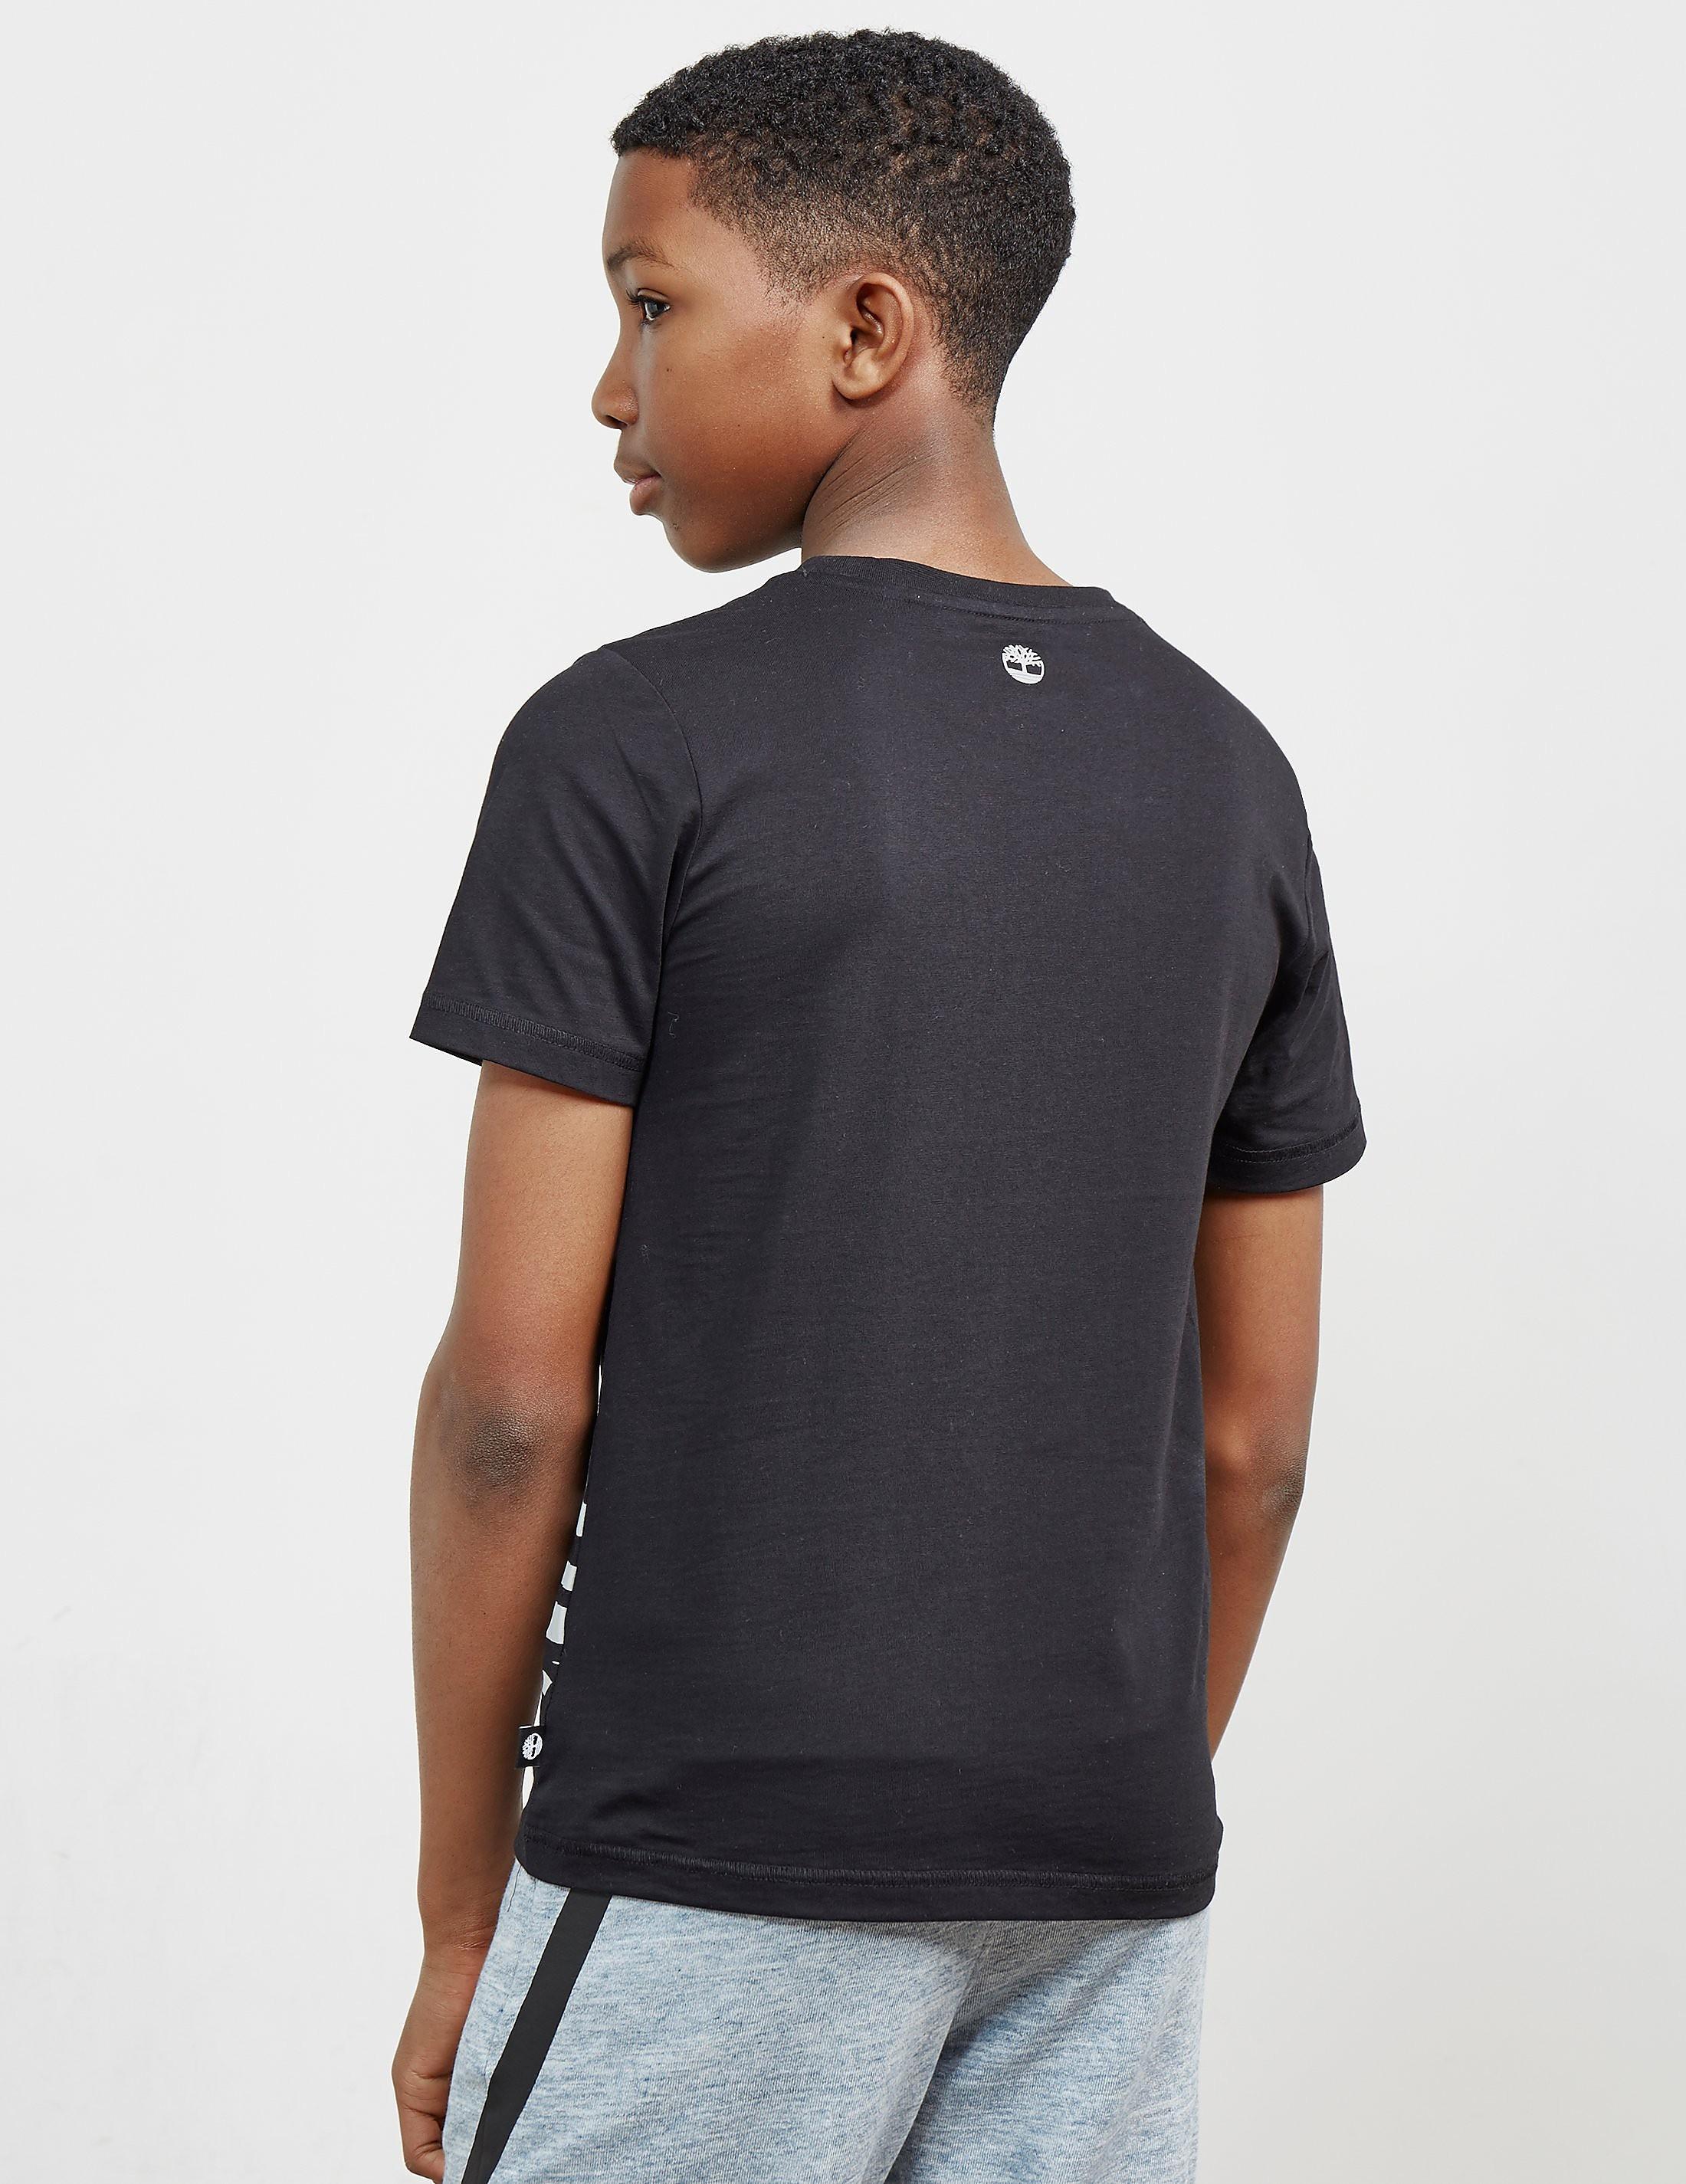 Timberland Line Logo Short Sleeve T-Shirt